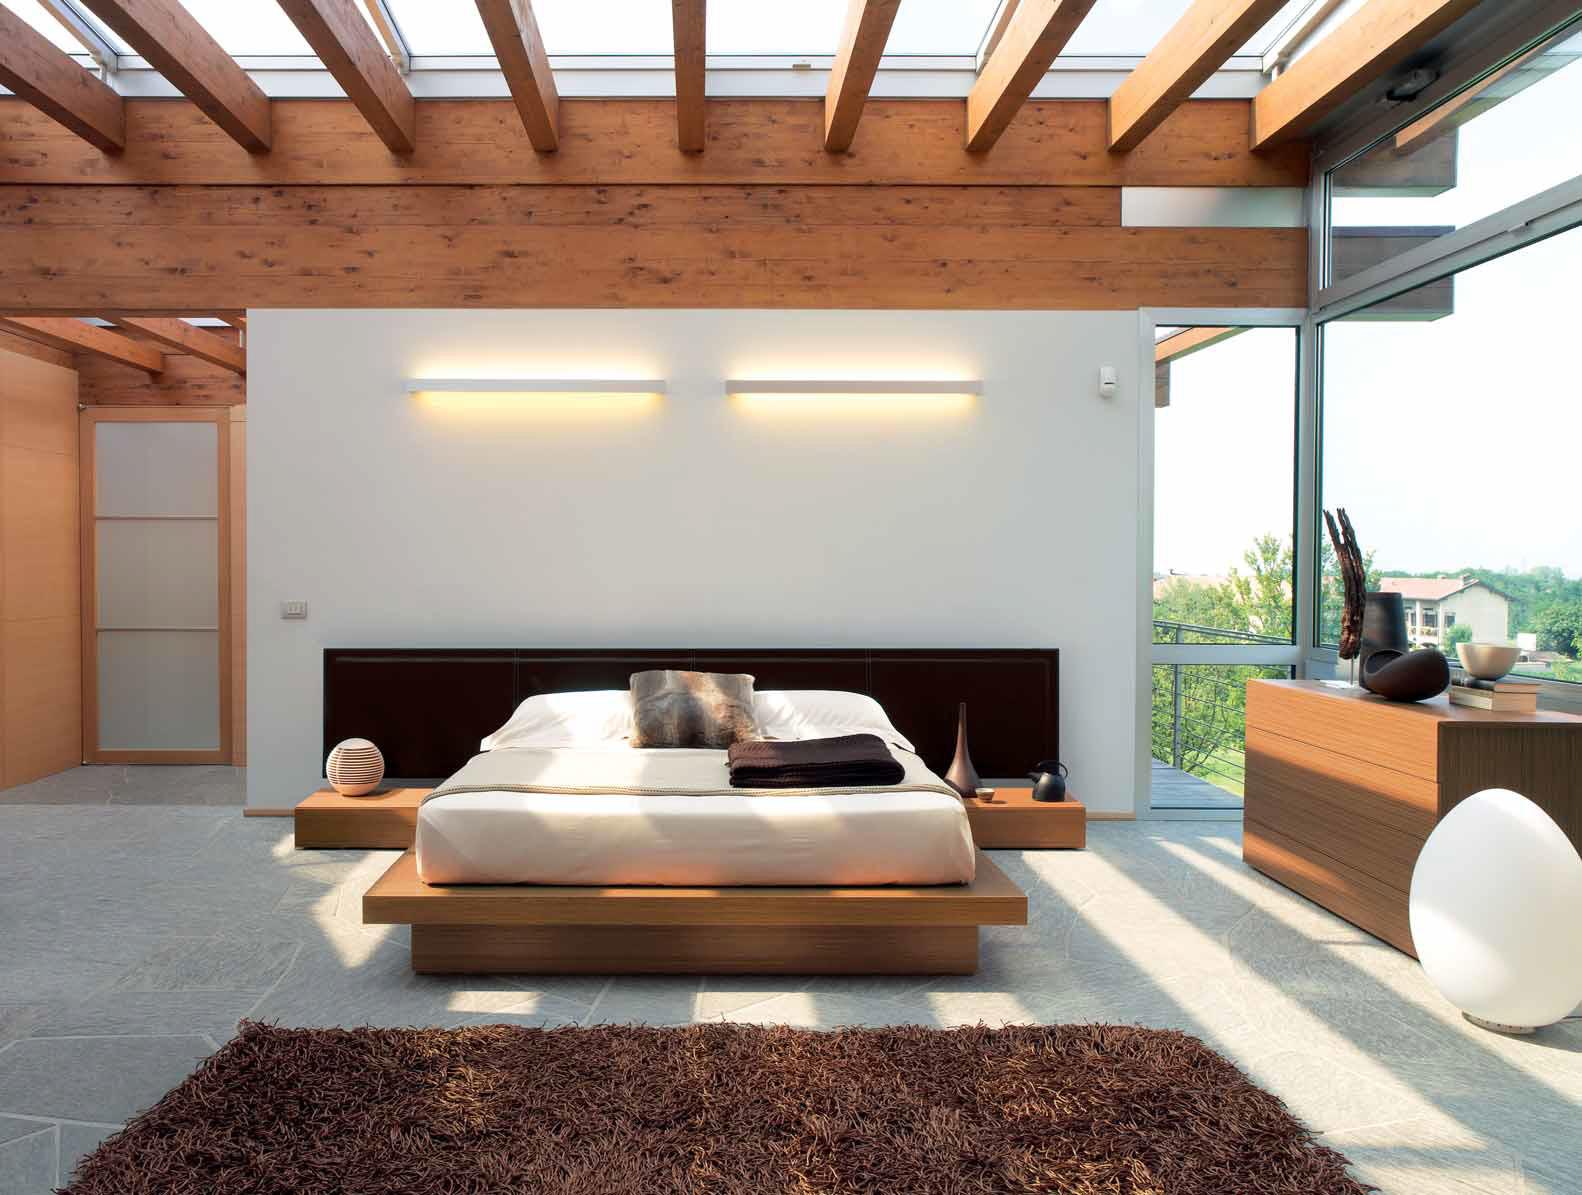 Camere da letto in legno massello idee per il design - Letto moderno legno ...